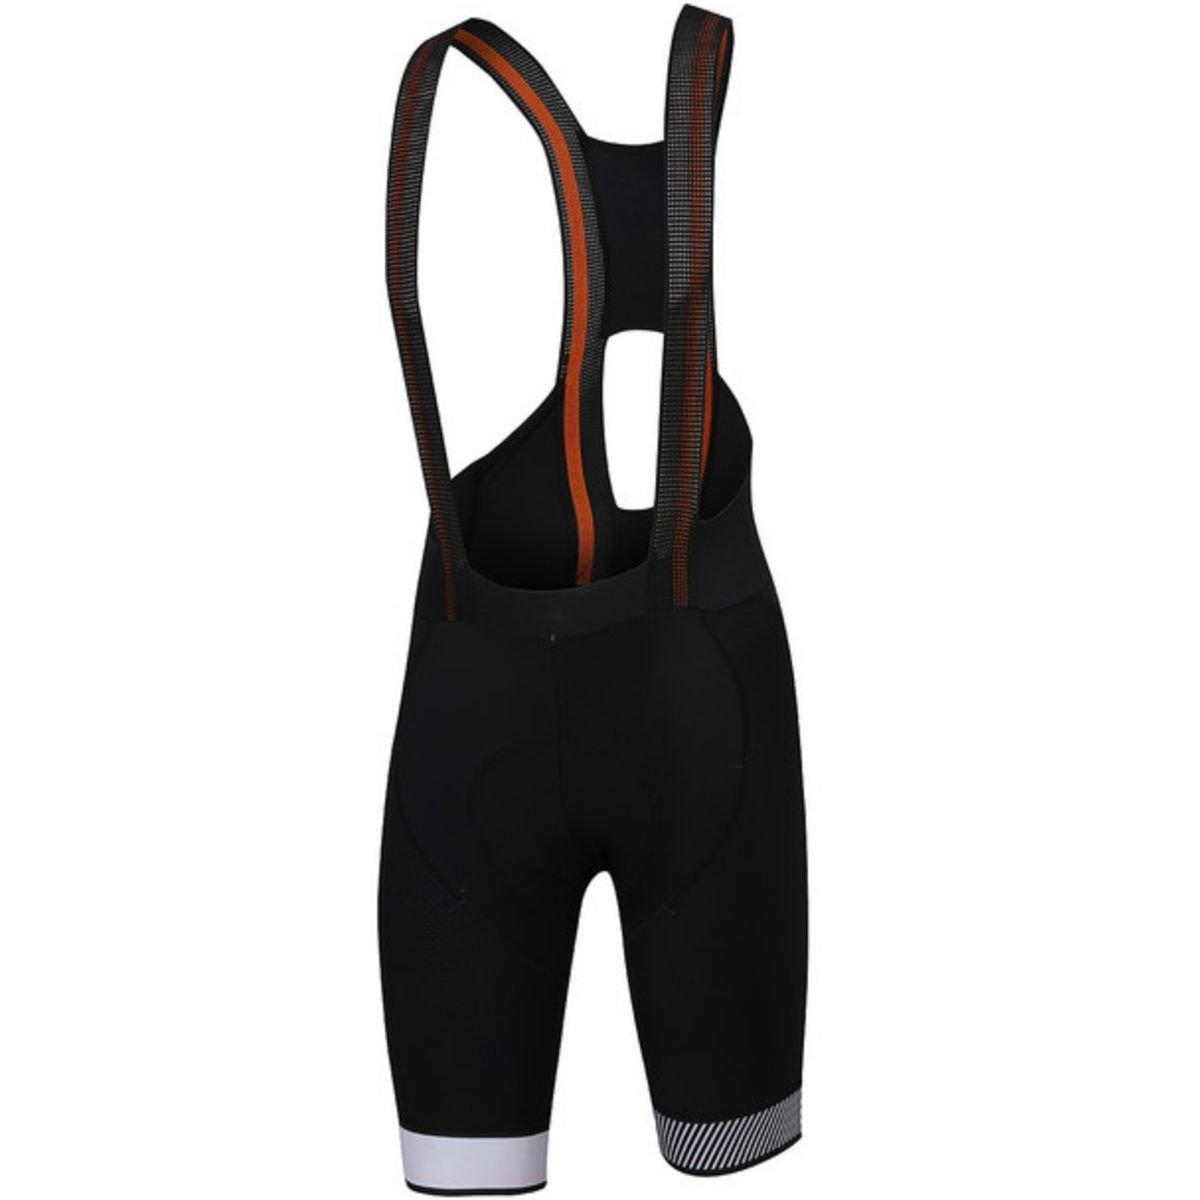 Sportful Bodyfit Pro LTD Bib Short – Men 's B07DGRJWWQ Small ブラック/ホワイト ブラック/ホワイト Small